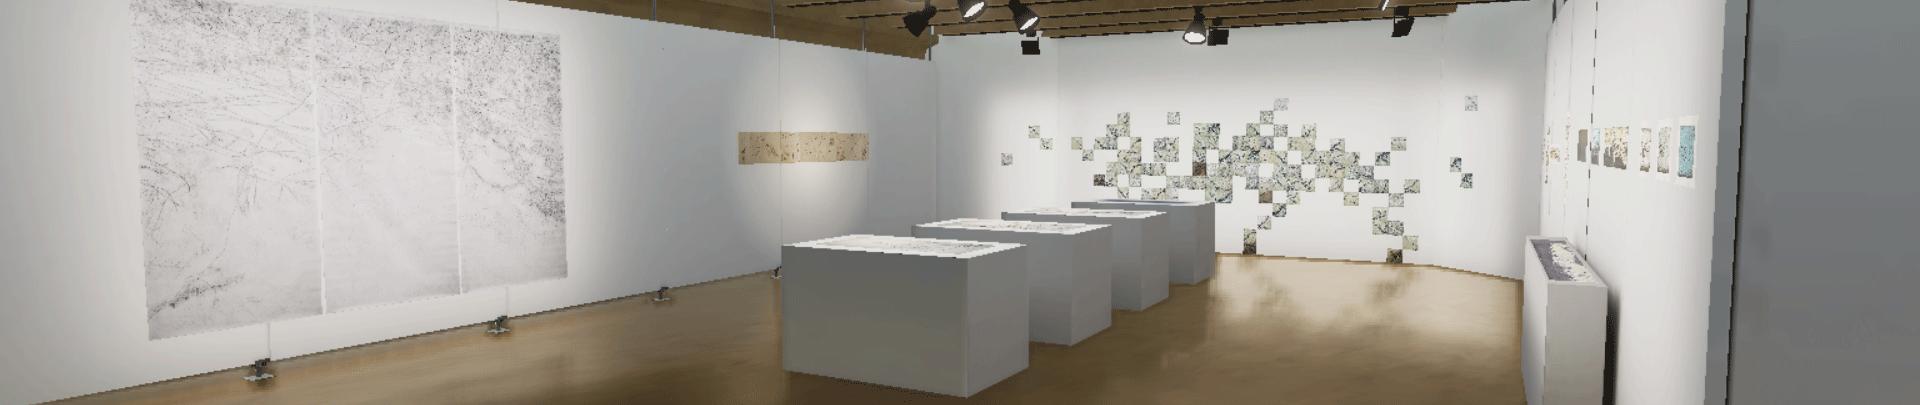 imagem exposição Memórias Inventadas de Um Jardim da artista Flávia Fábio